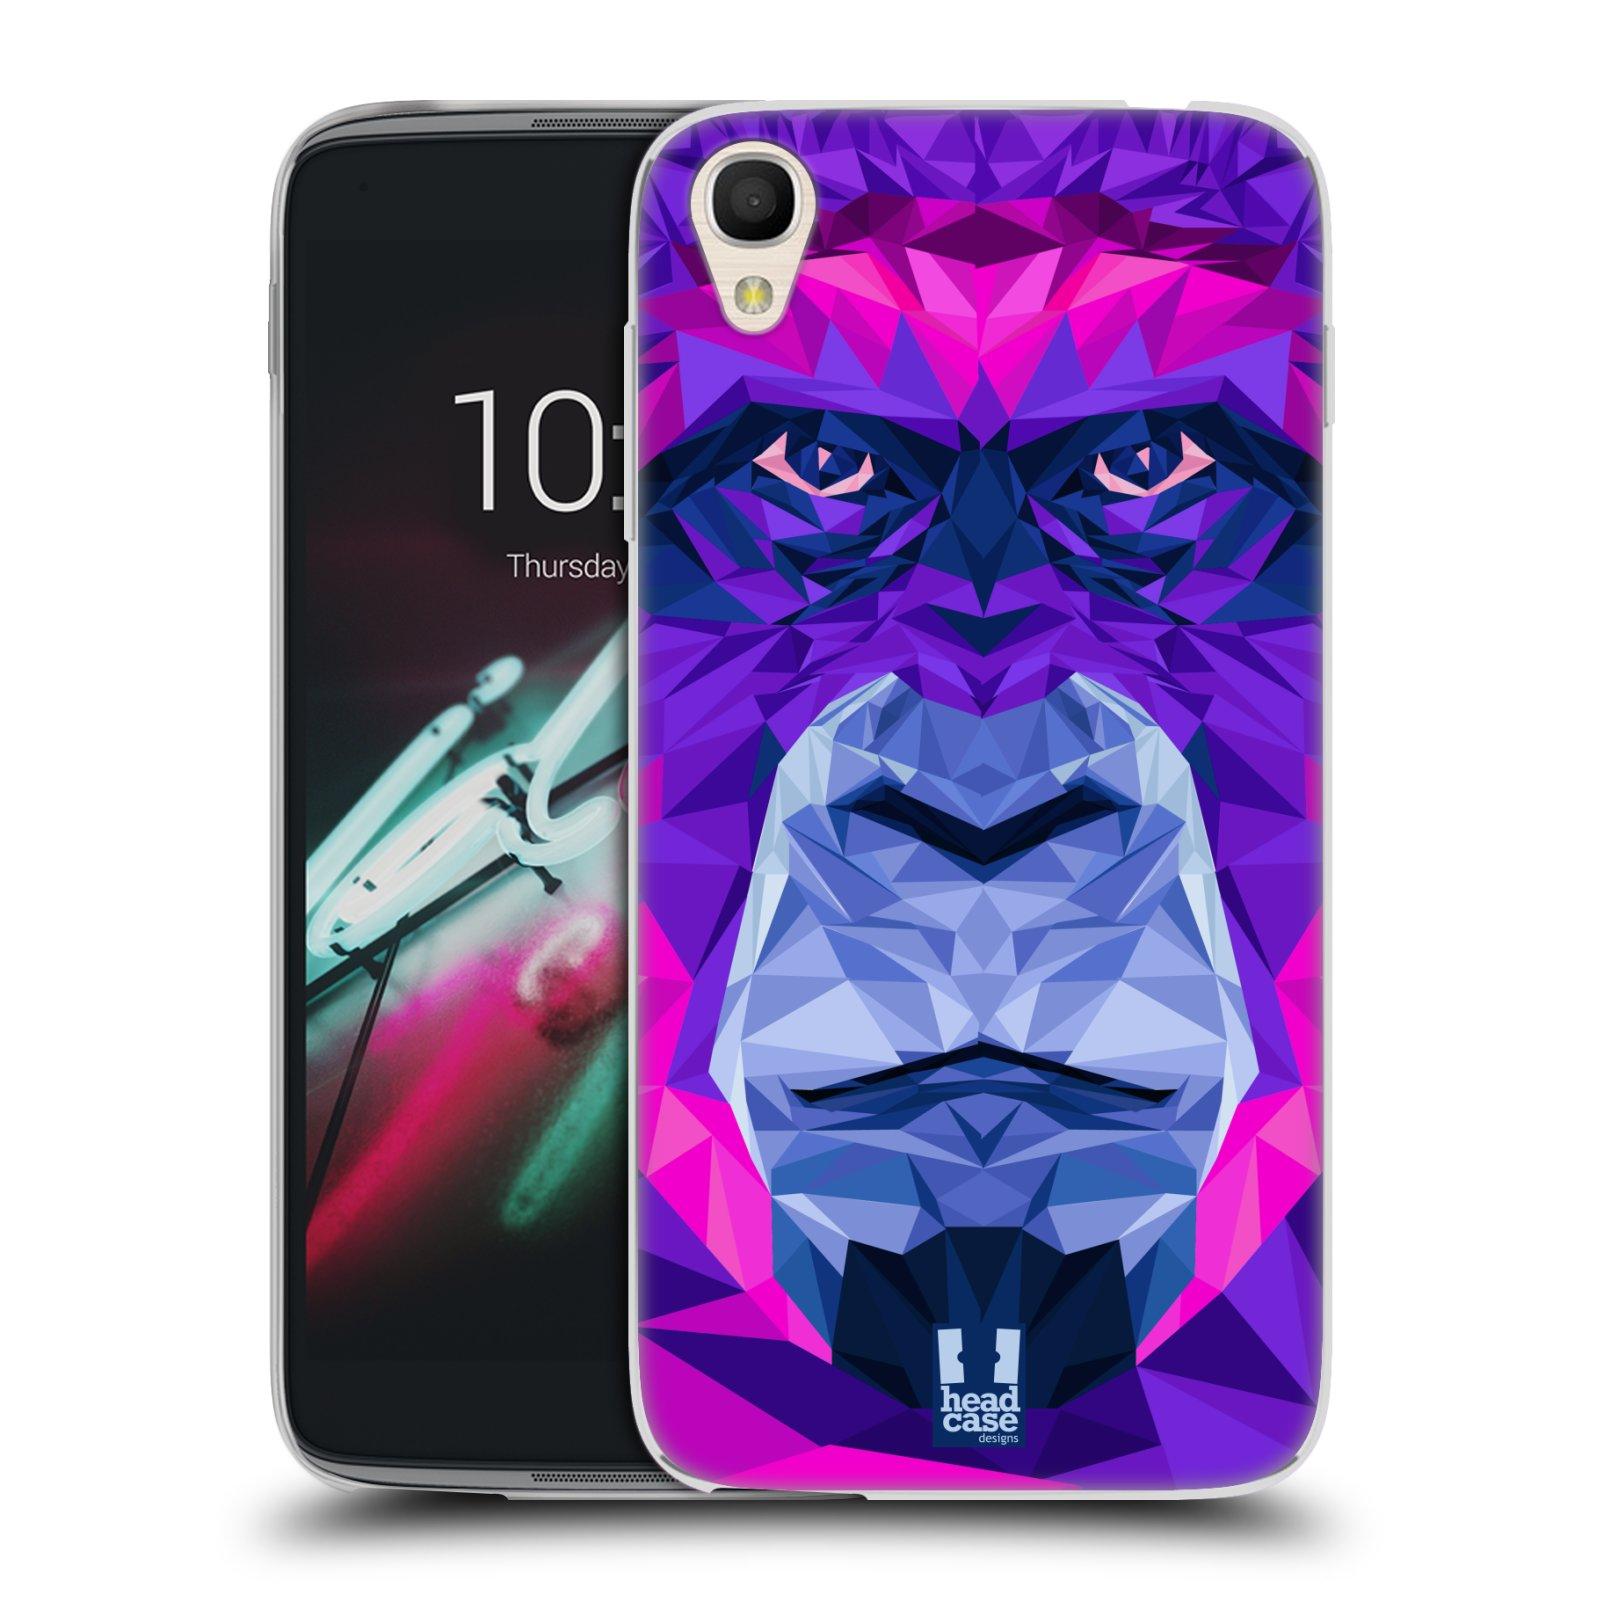 HEAD CASE silikonový obal na mobil Alcatel Idol 3 OT-6039Y (4.7) vzor Geometrická zvířata 2 Orangutan